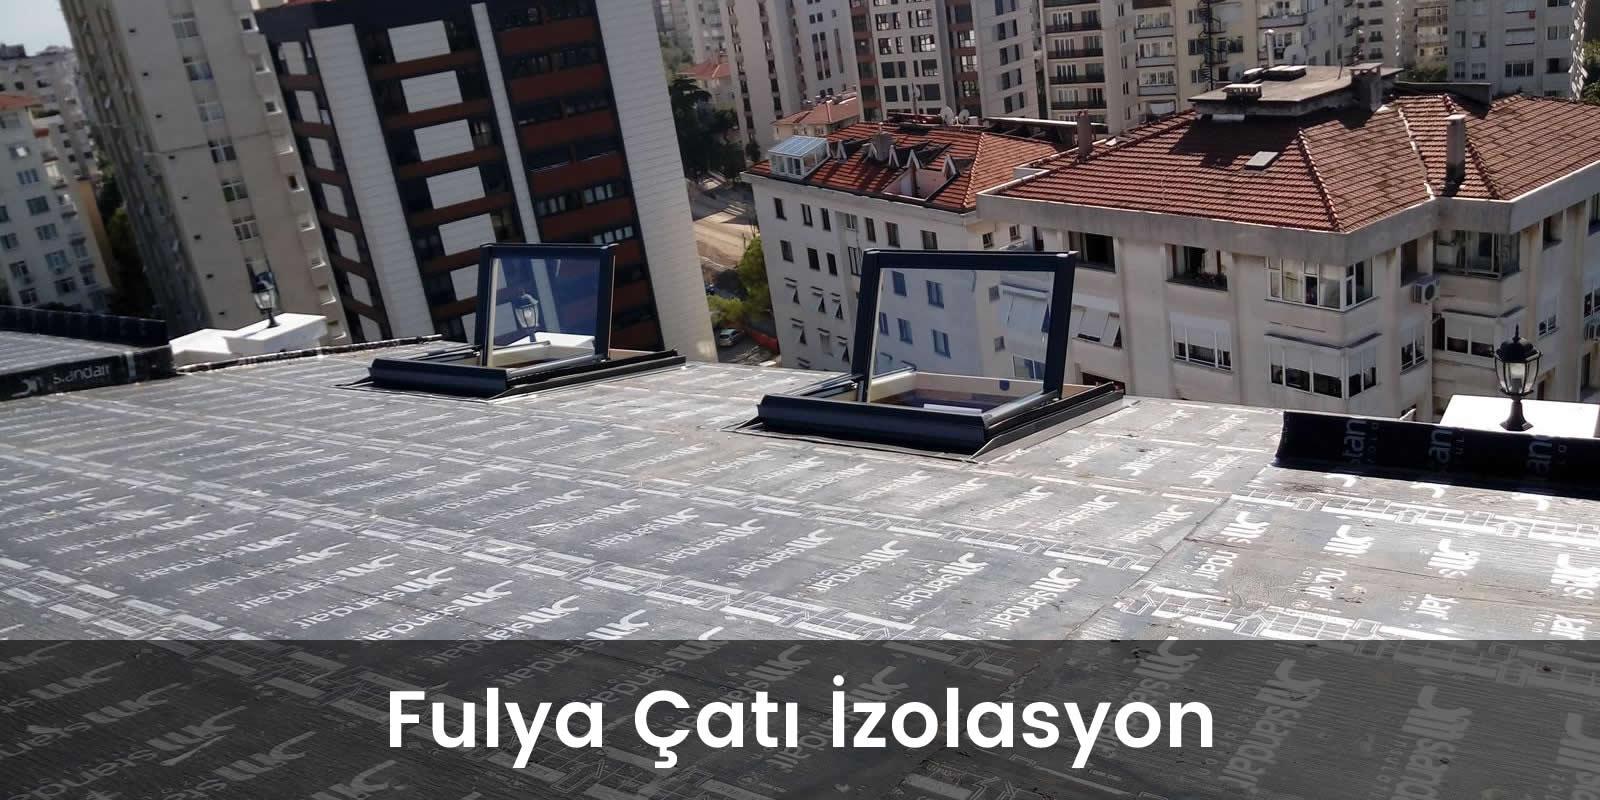 Fulya çatı izolasyon